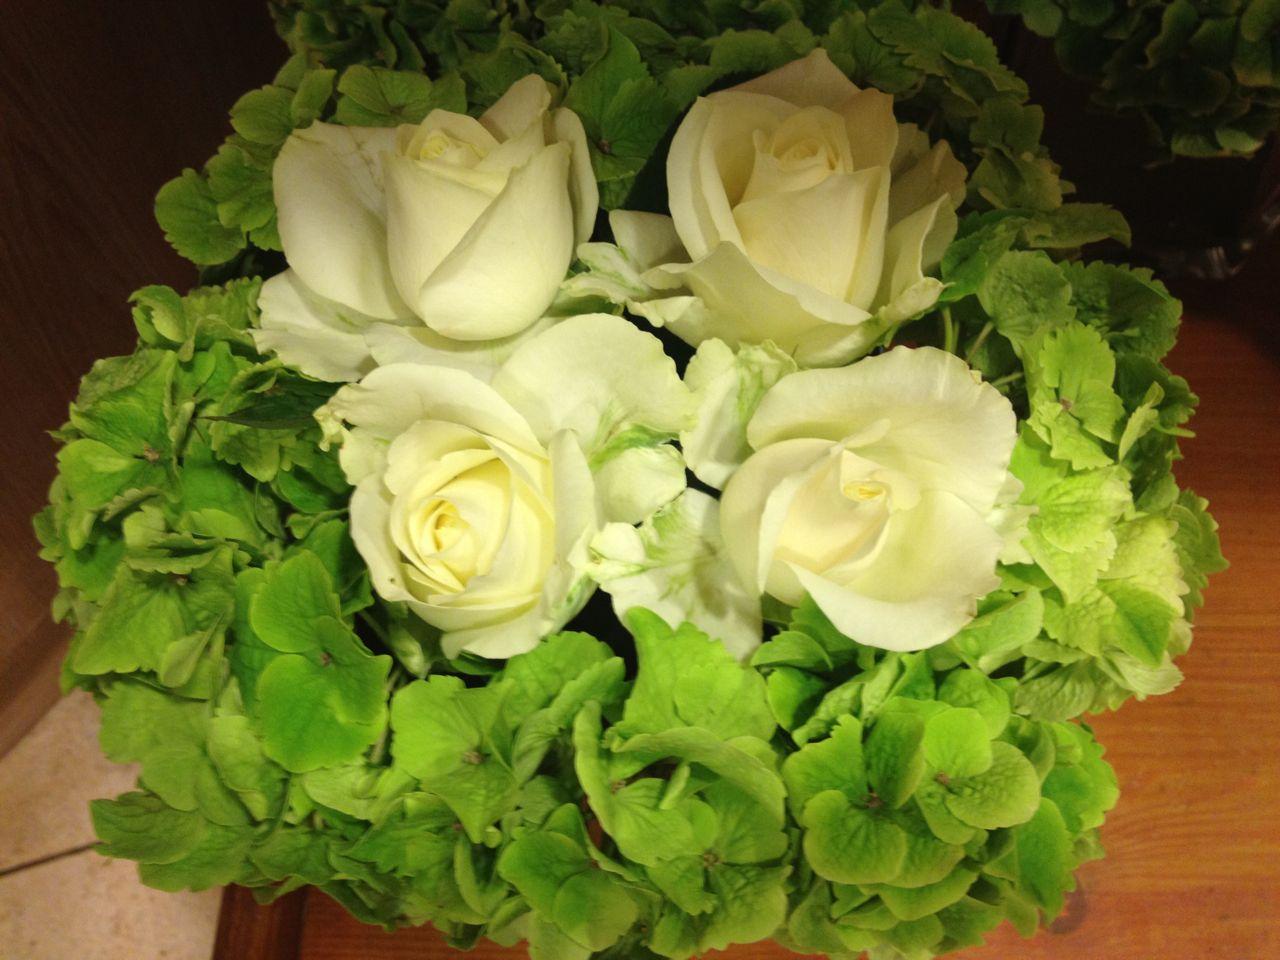 Centrotavola Ortensie Bianche : Elisabetta fiori e piante centrotavola con rose bianche